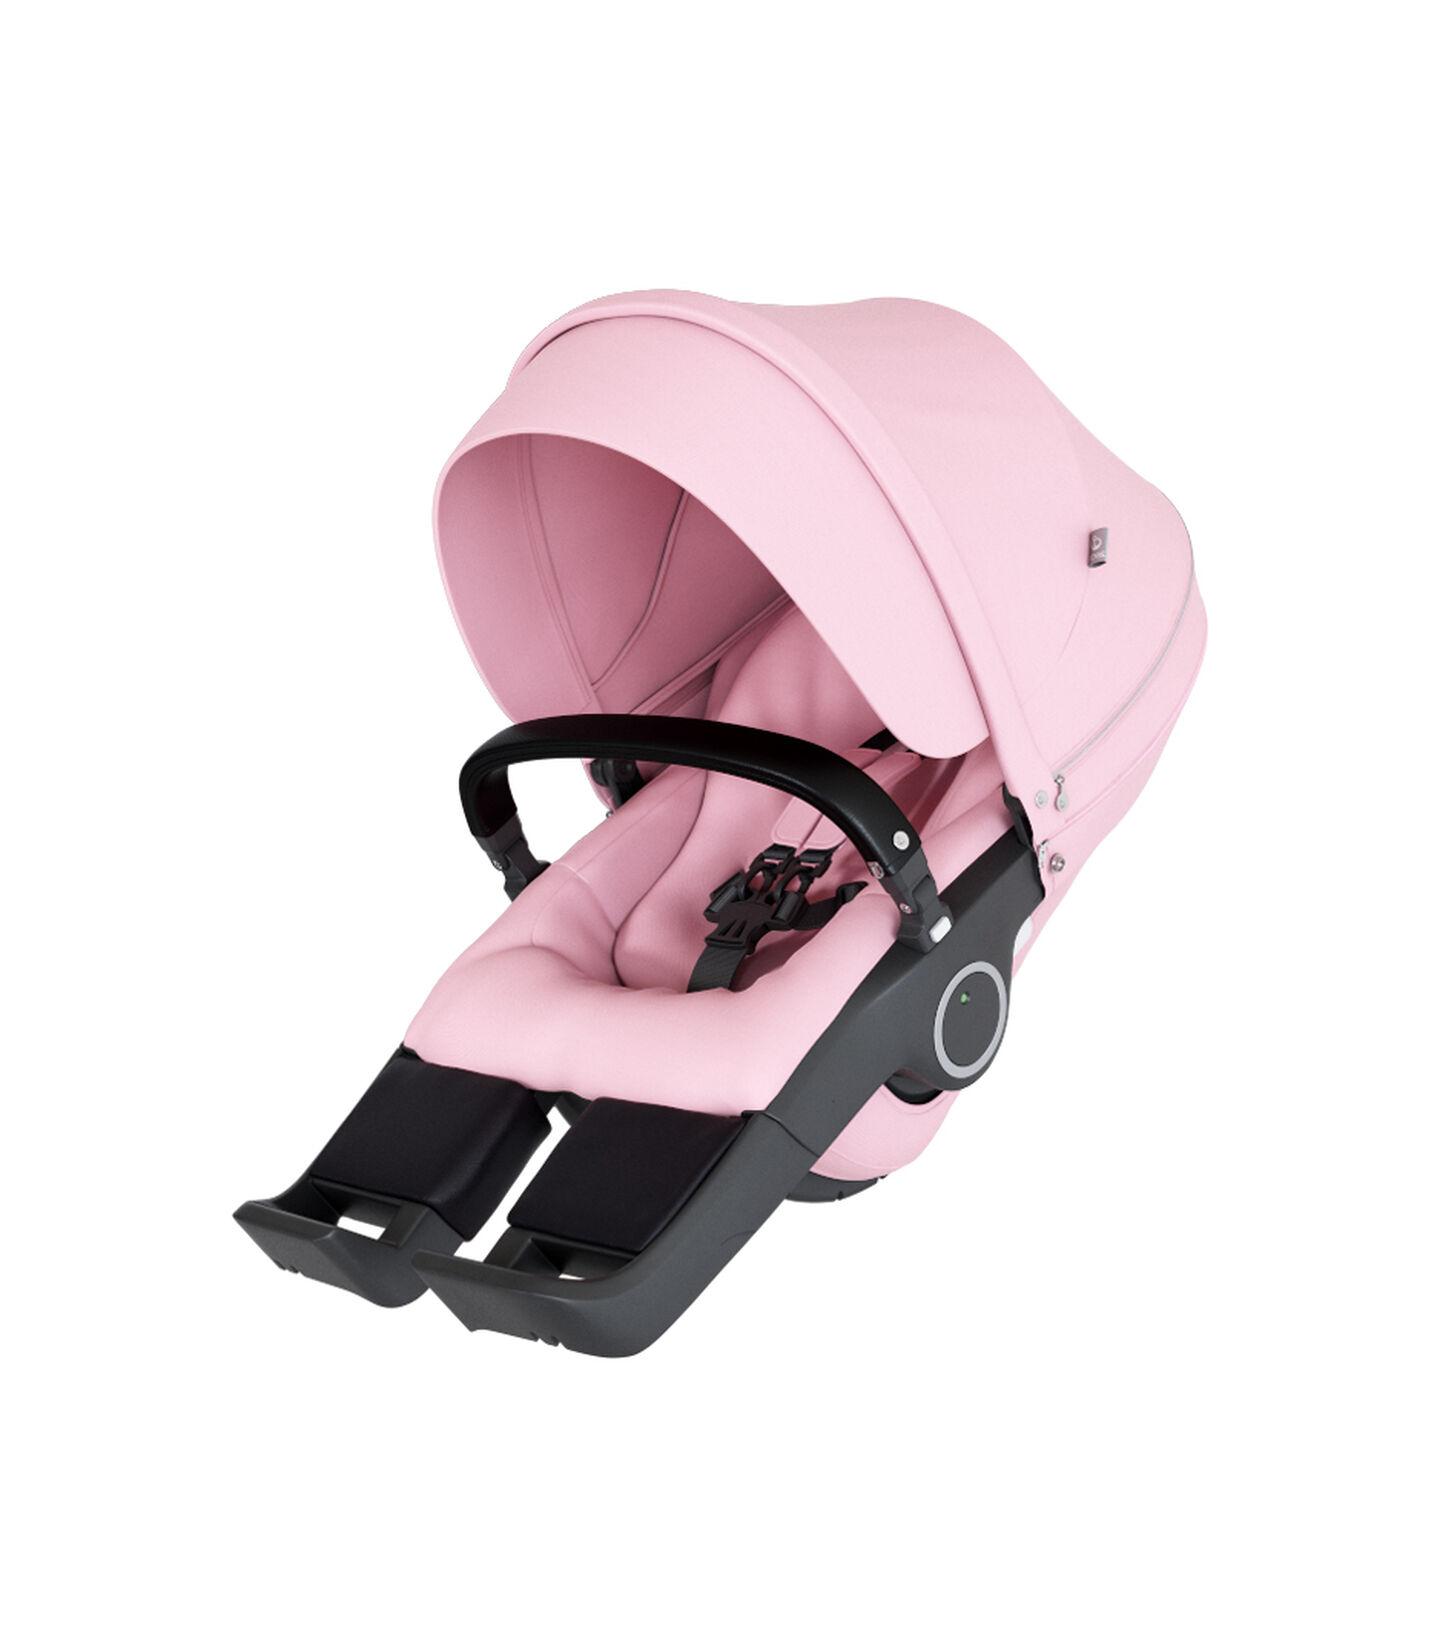 Stokke® Stroller Seat Lotus Pink, Lotus Pink, mainview view 2